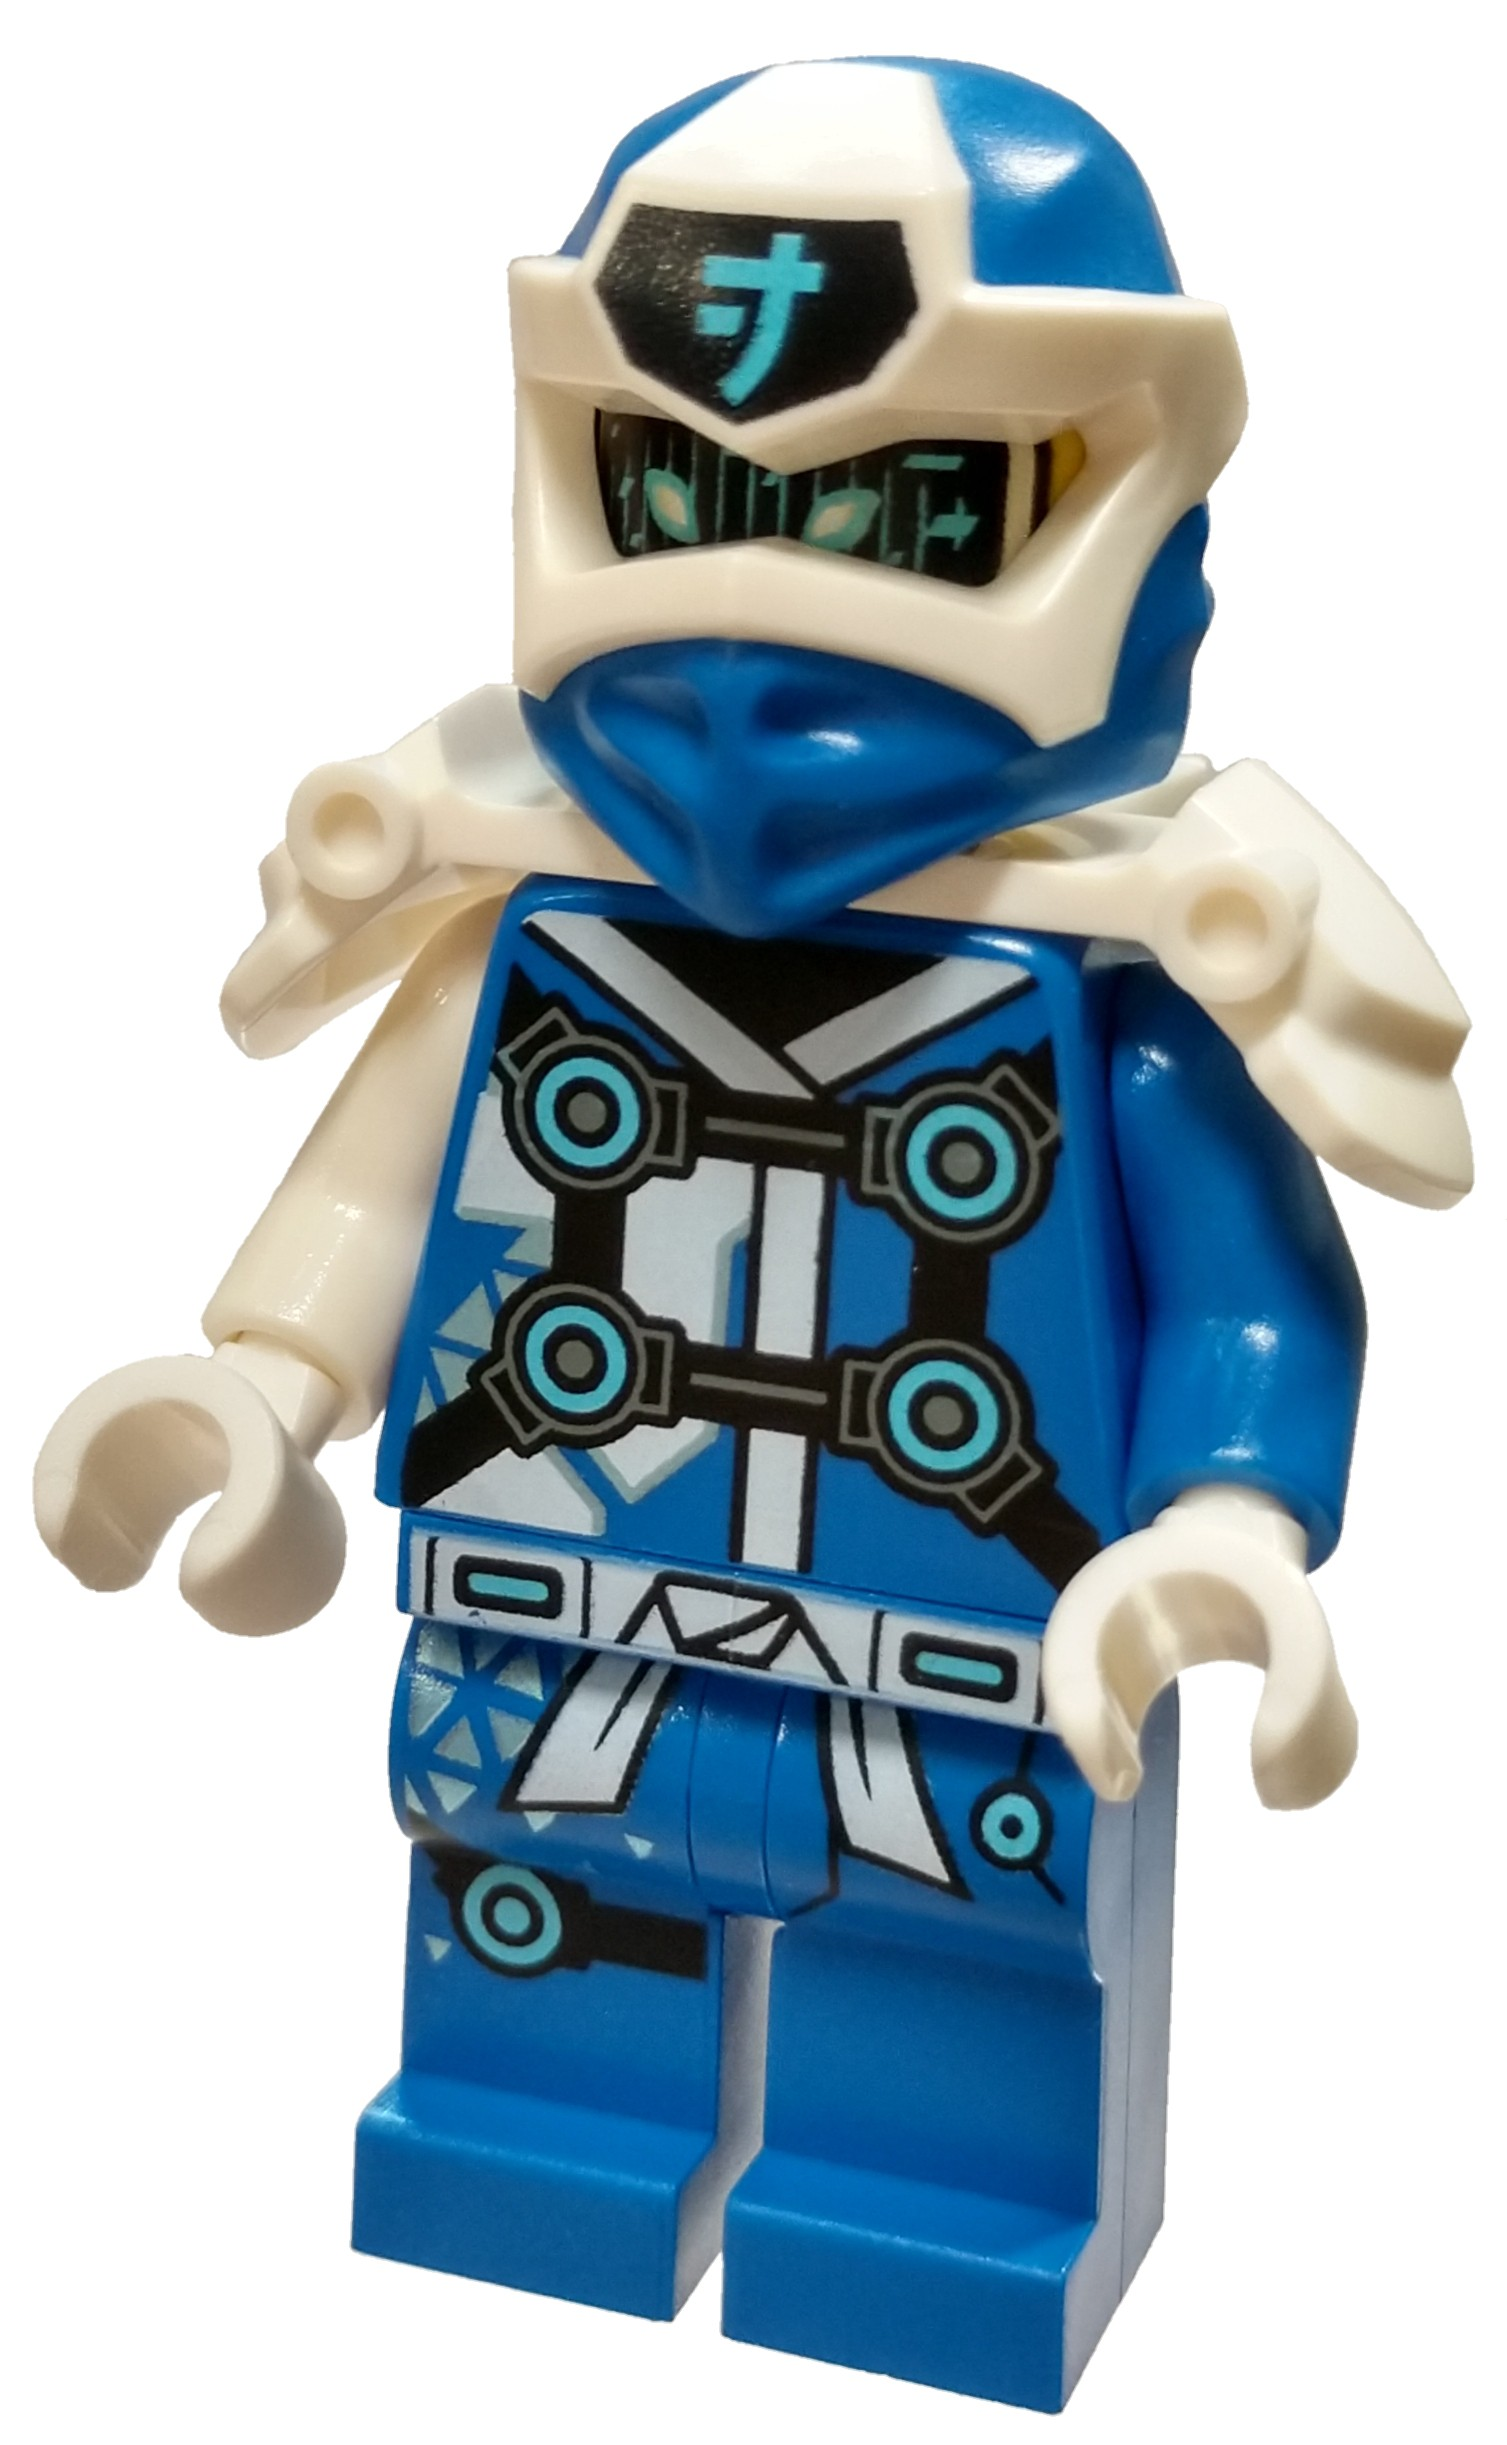 lego ninjago prime empire jay minifigure digi jay no